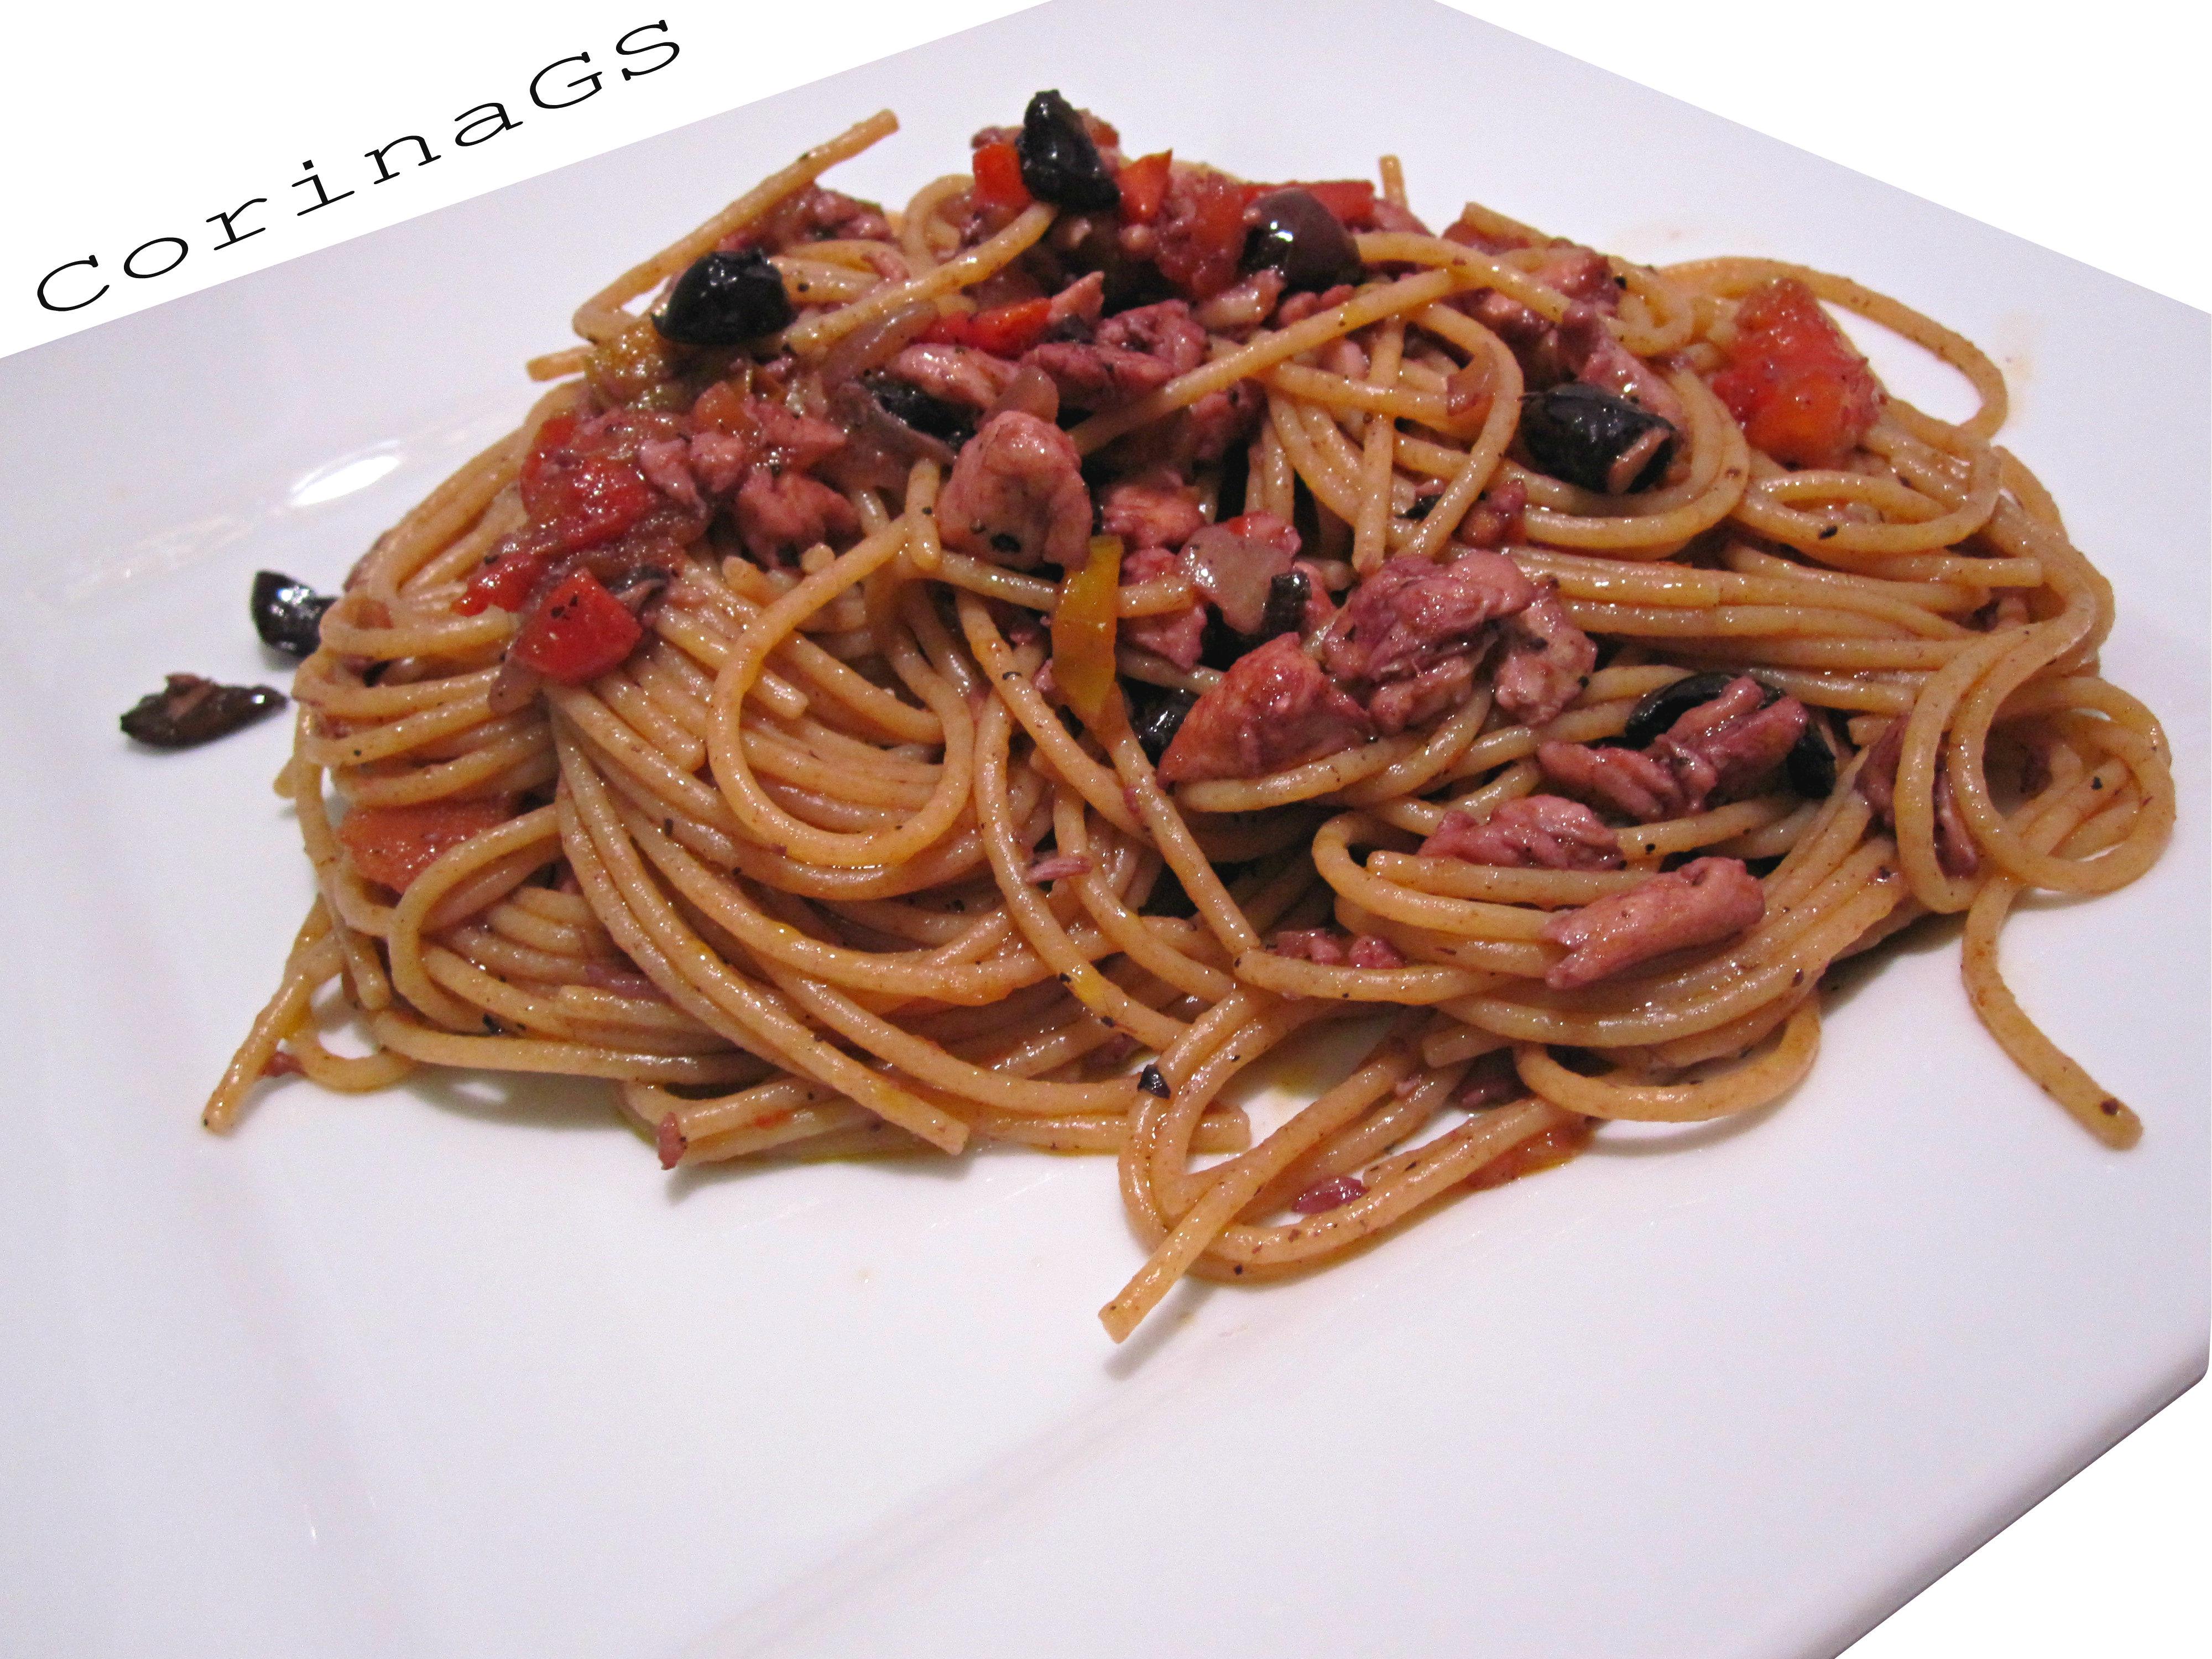 Spaghetti integrali con sugo di pesce-Ricetta primi piatti-CorinaGS